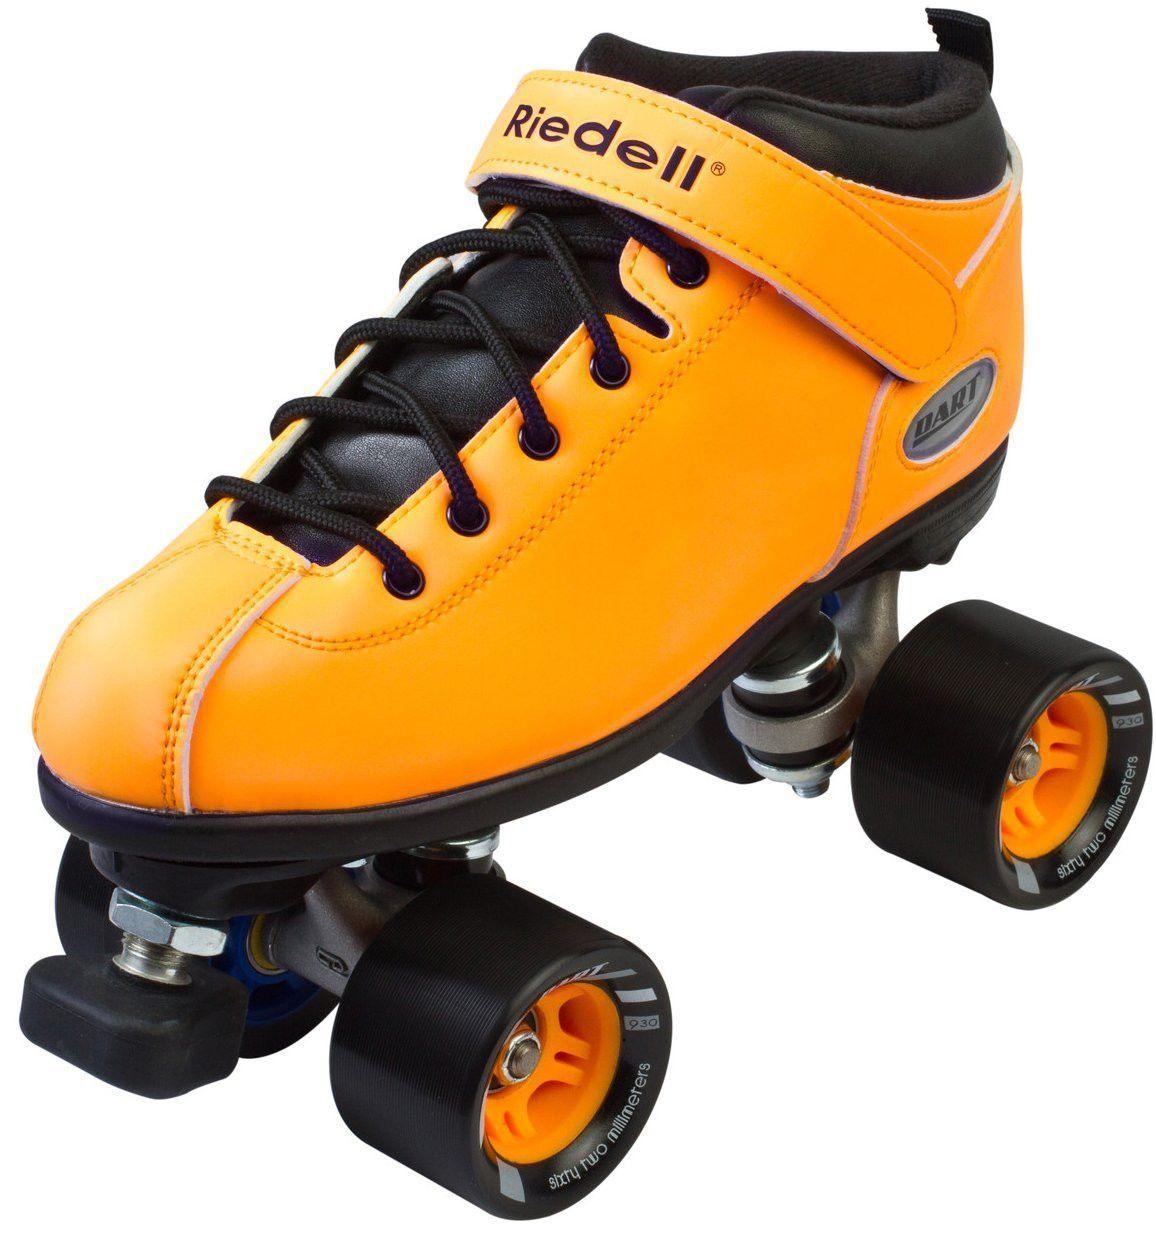 Aesthetic Roller Skates Cheap